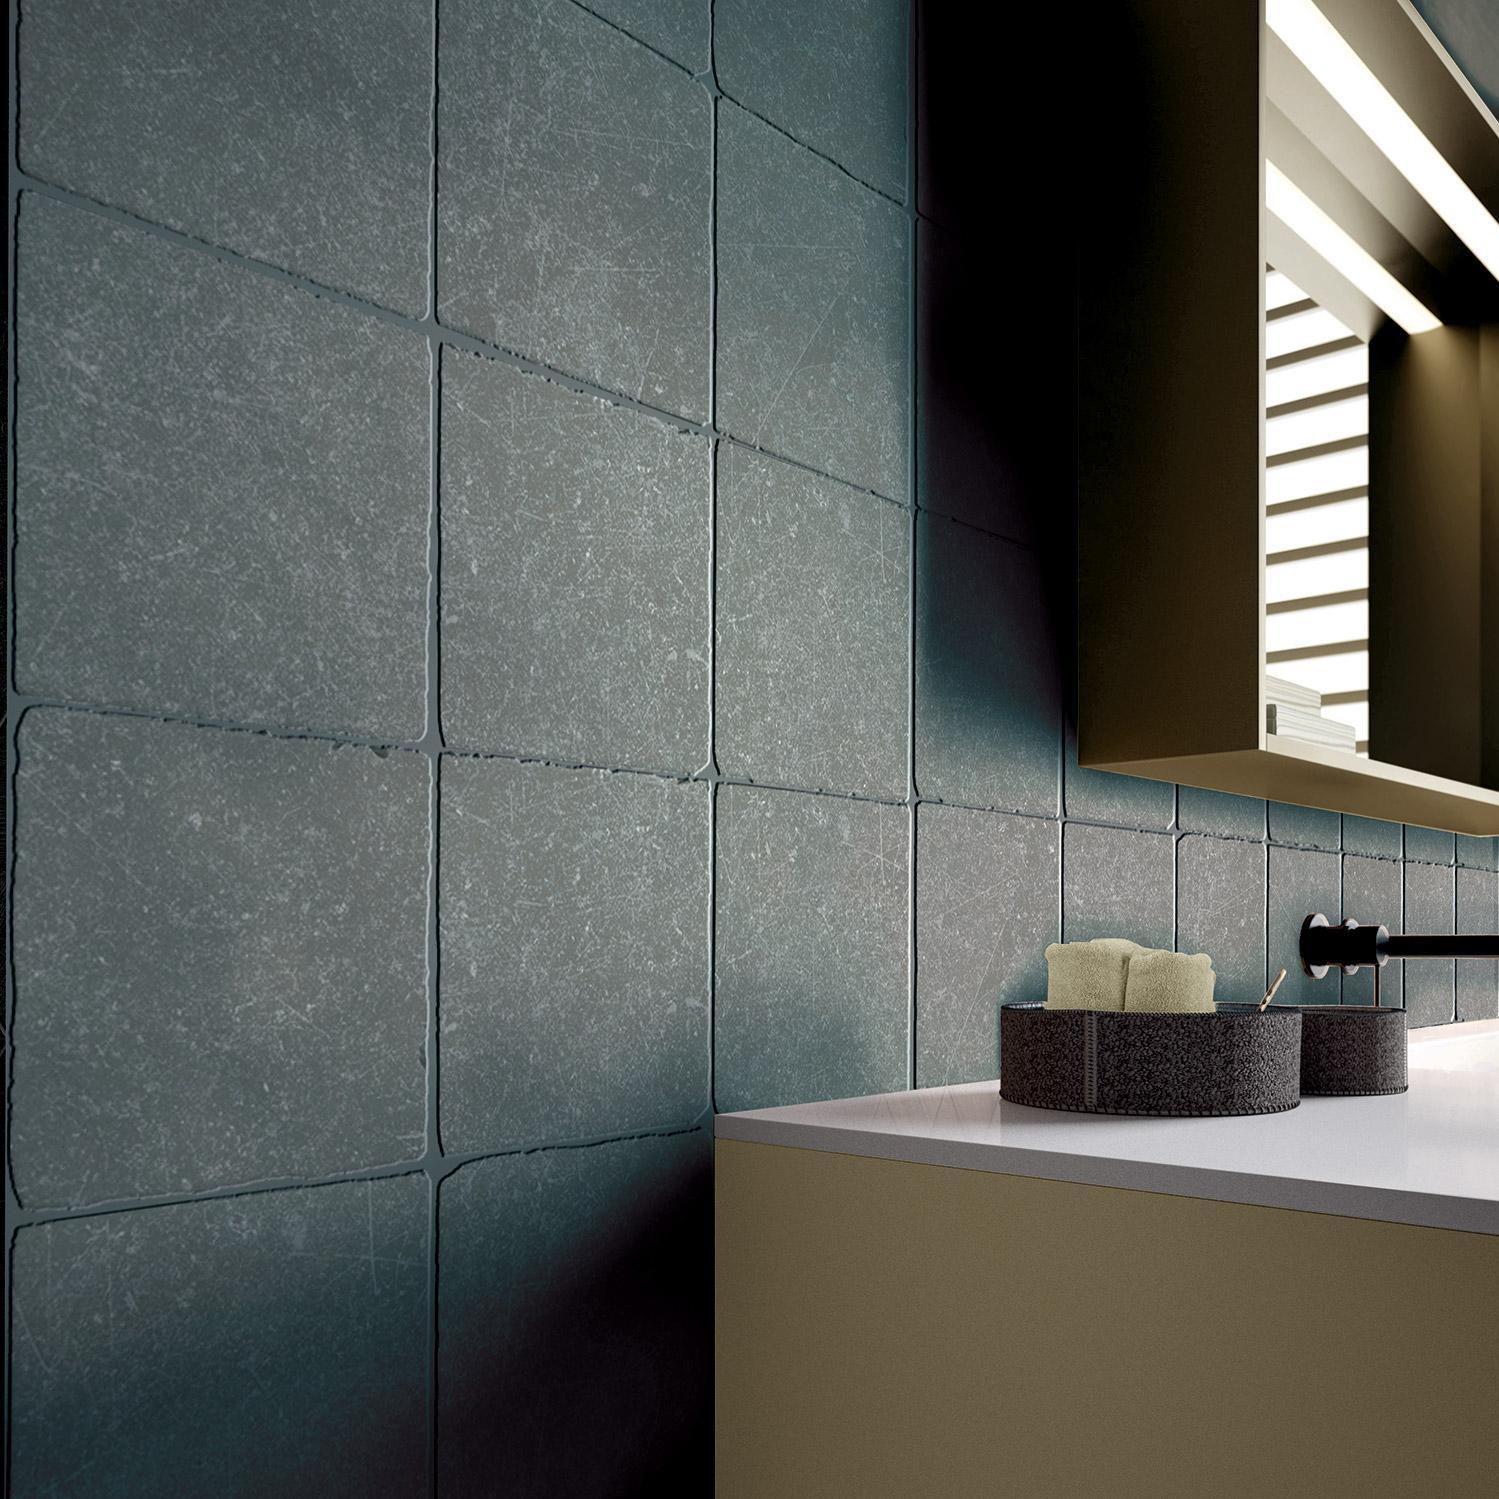 Carrelage sol et mur intenso effet pierre noir Cassel l.20 x L.20 cm ARIANA